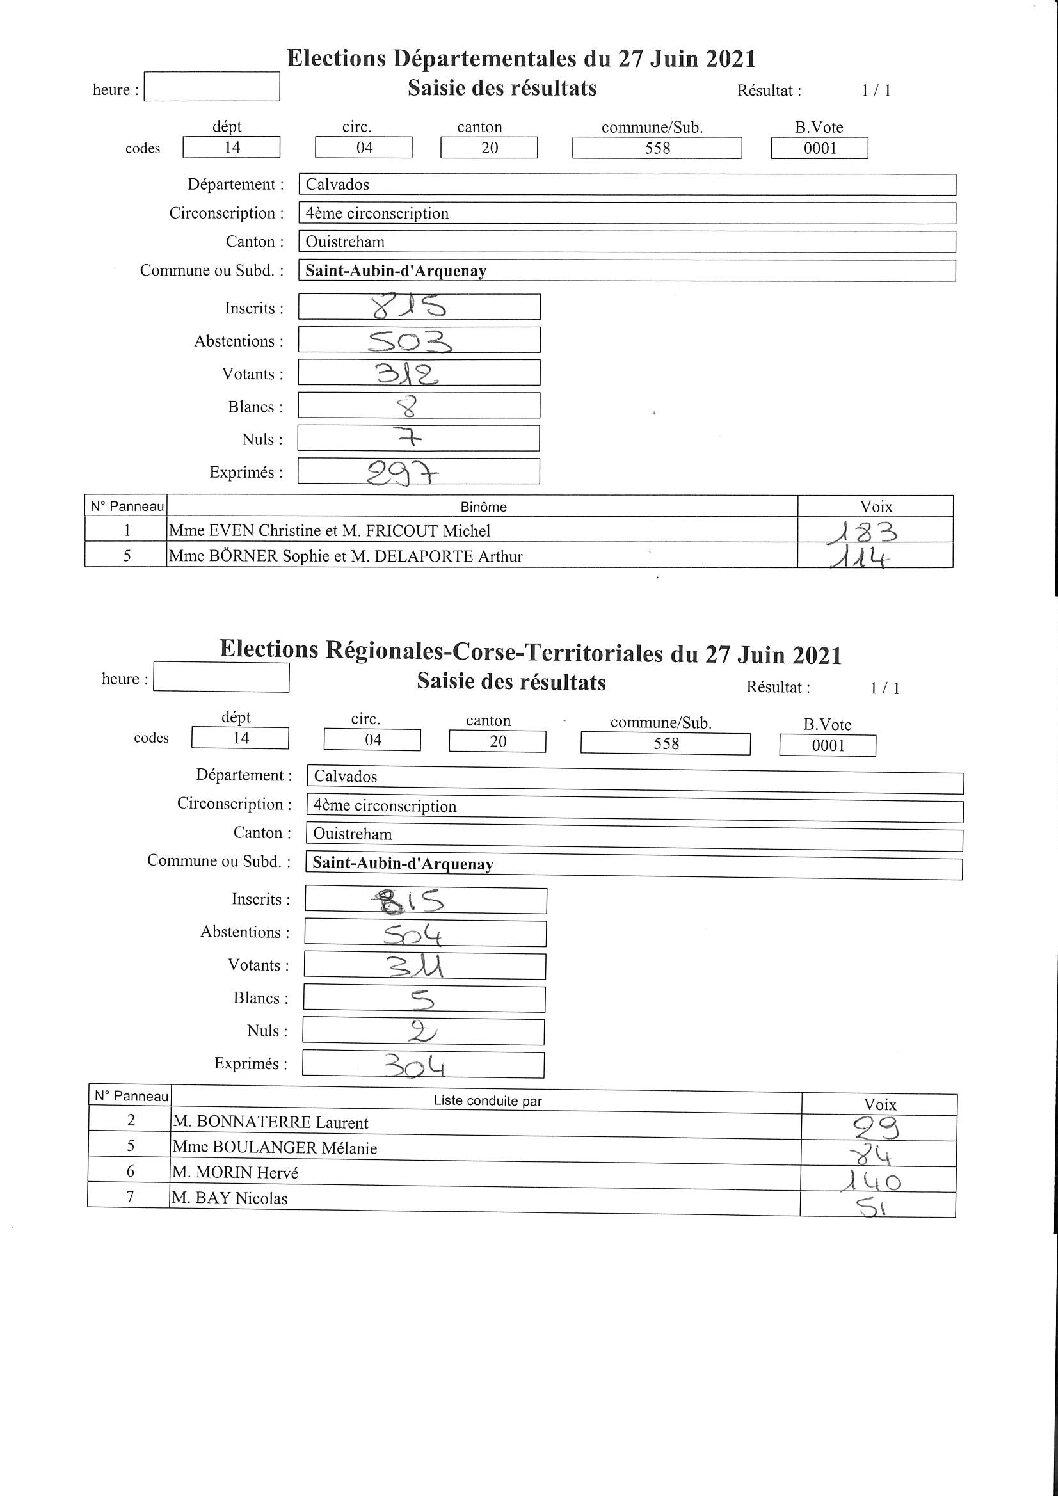 Résultats 2ème tour des élections du 27 juin 2021